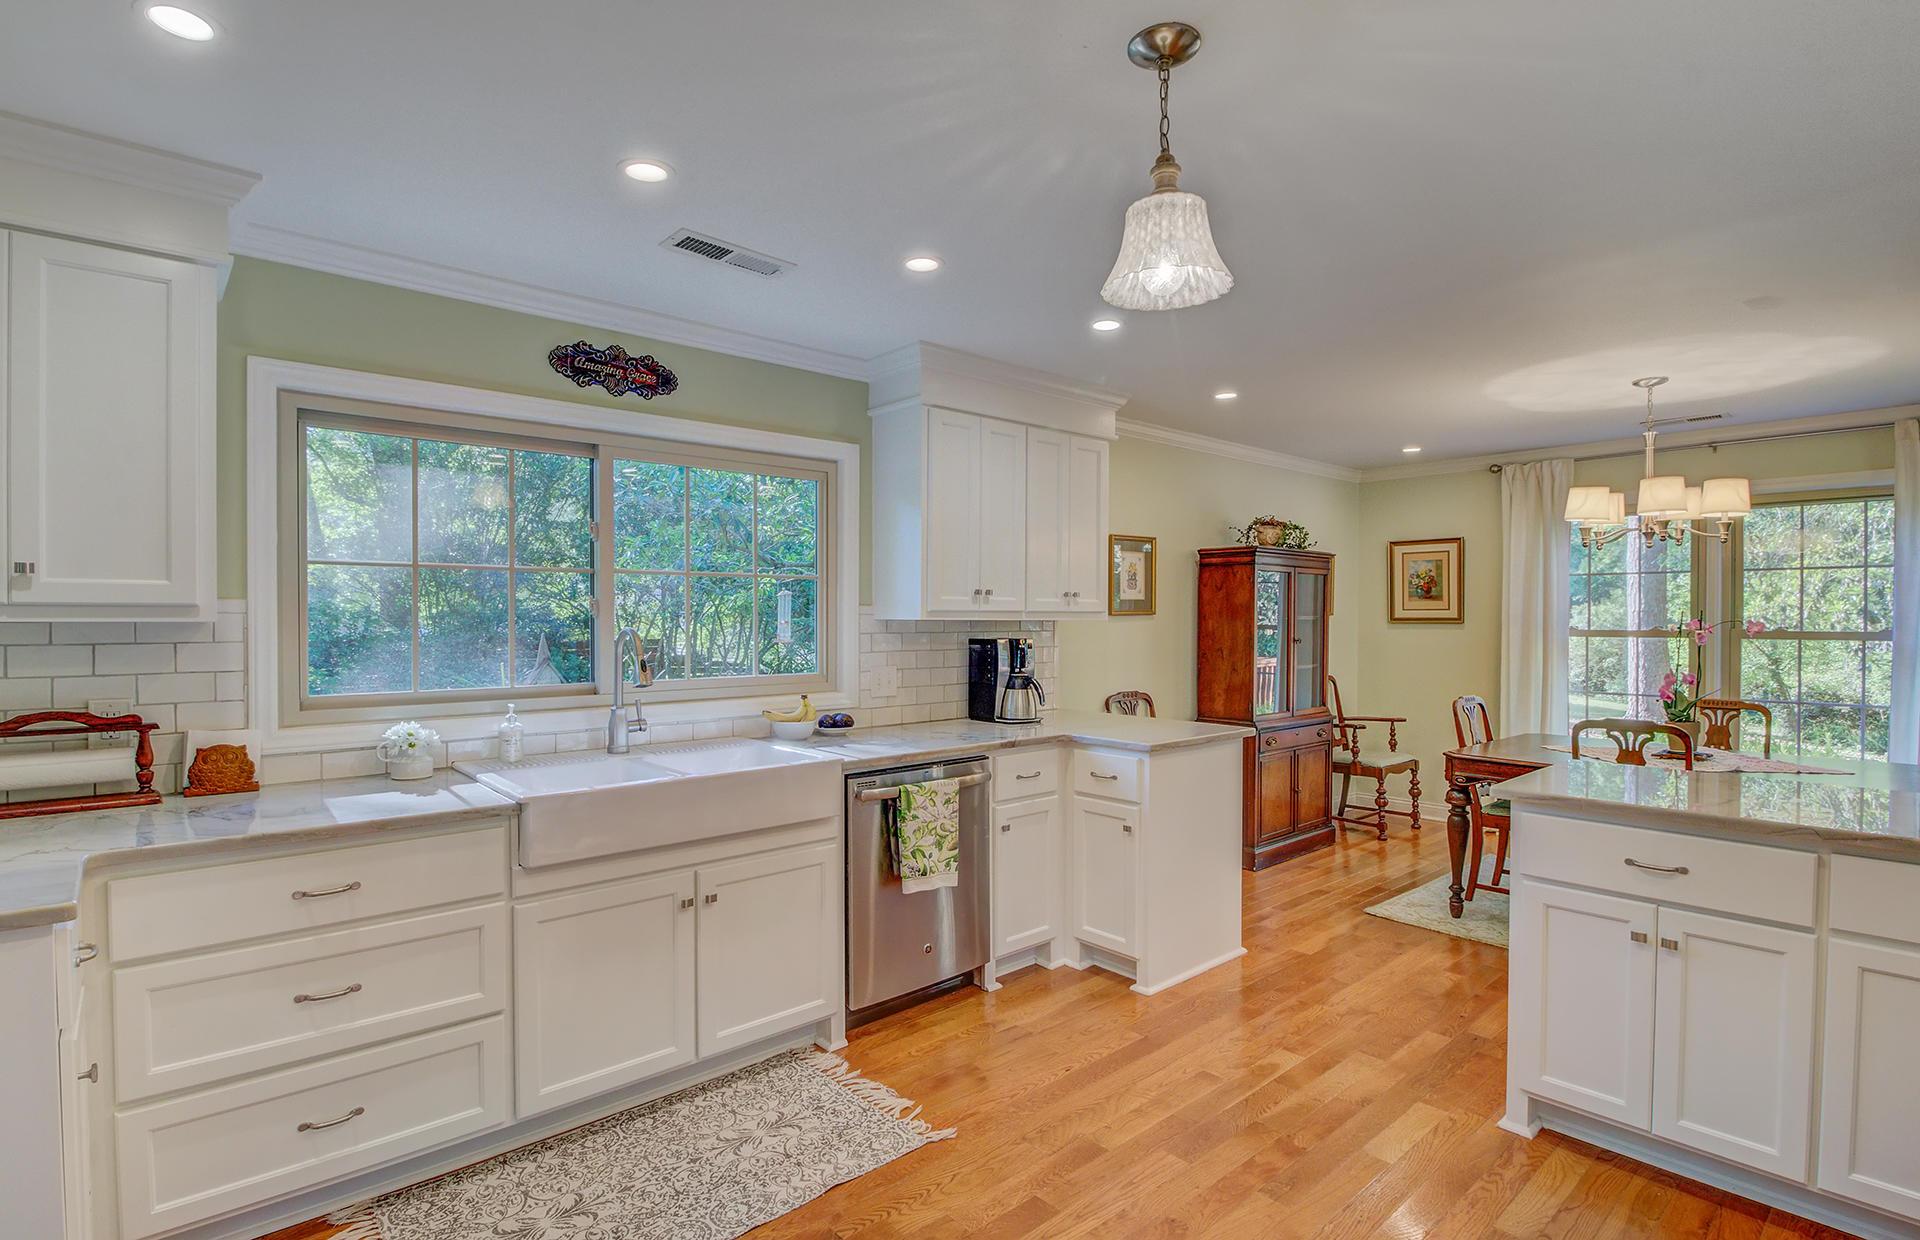 Pine Forest Inn Homes For Sale - 543 Simmons, Summerville, SC - 49